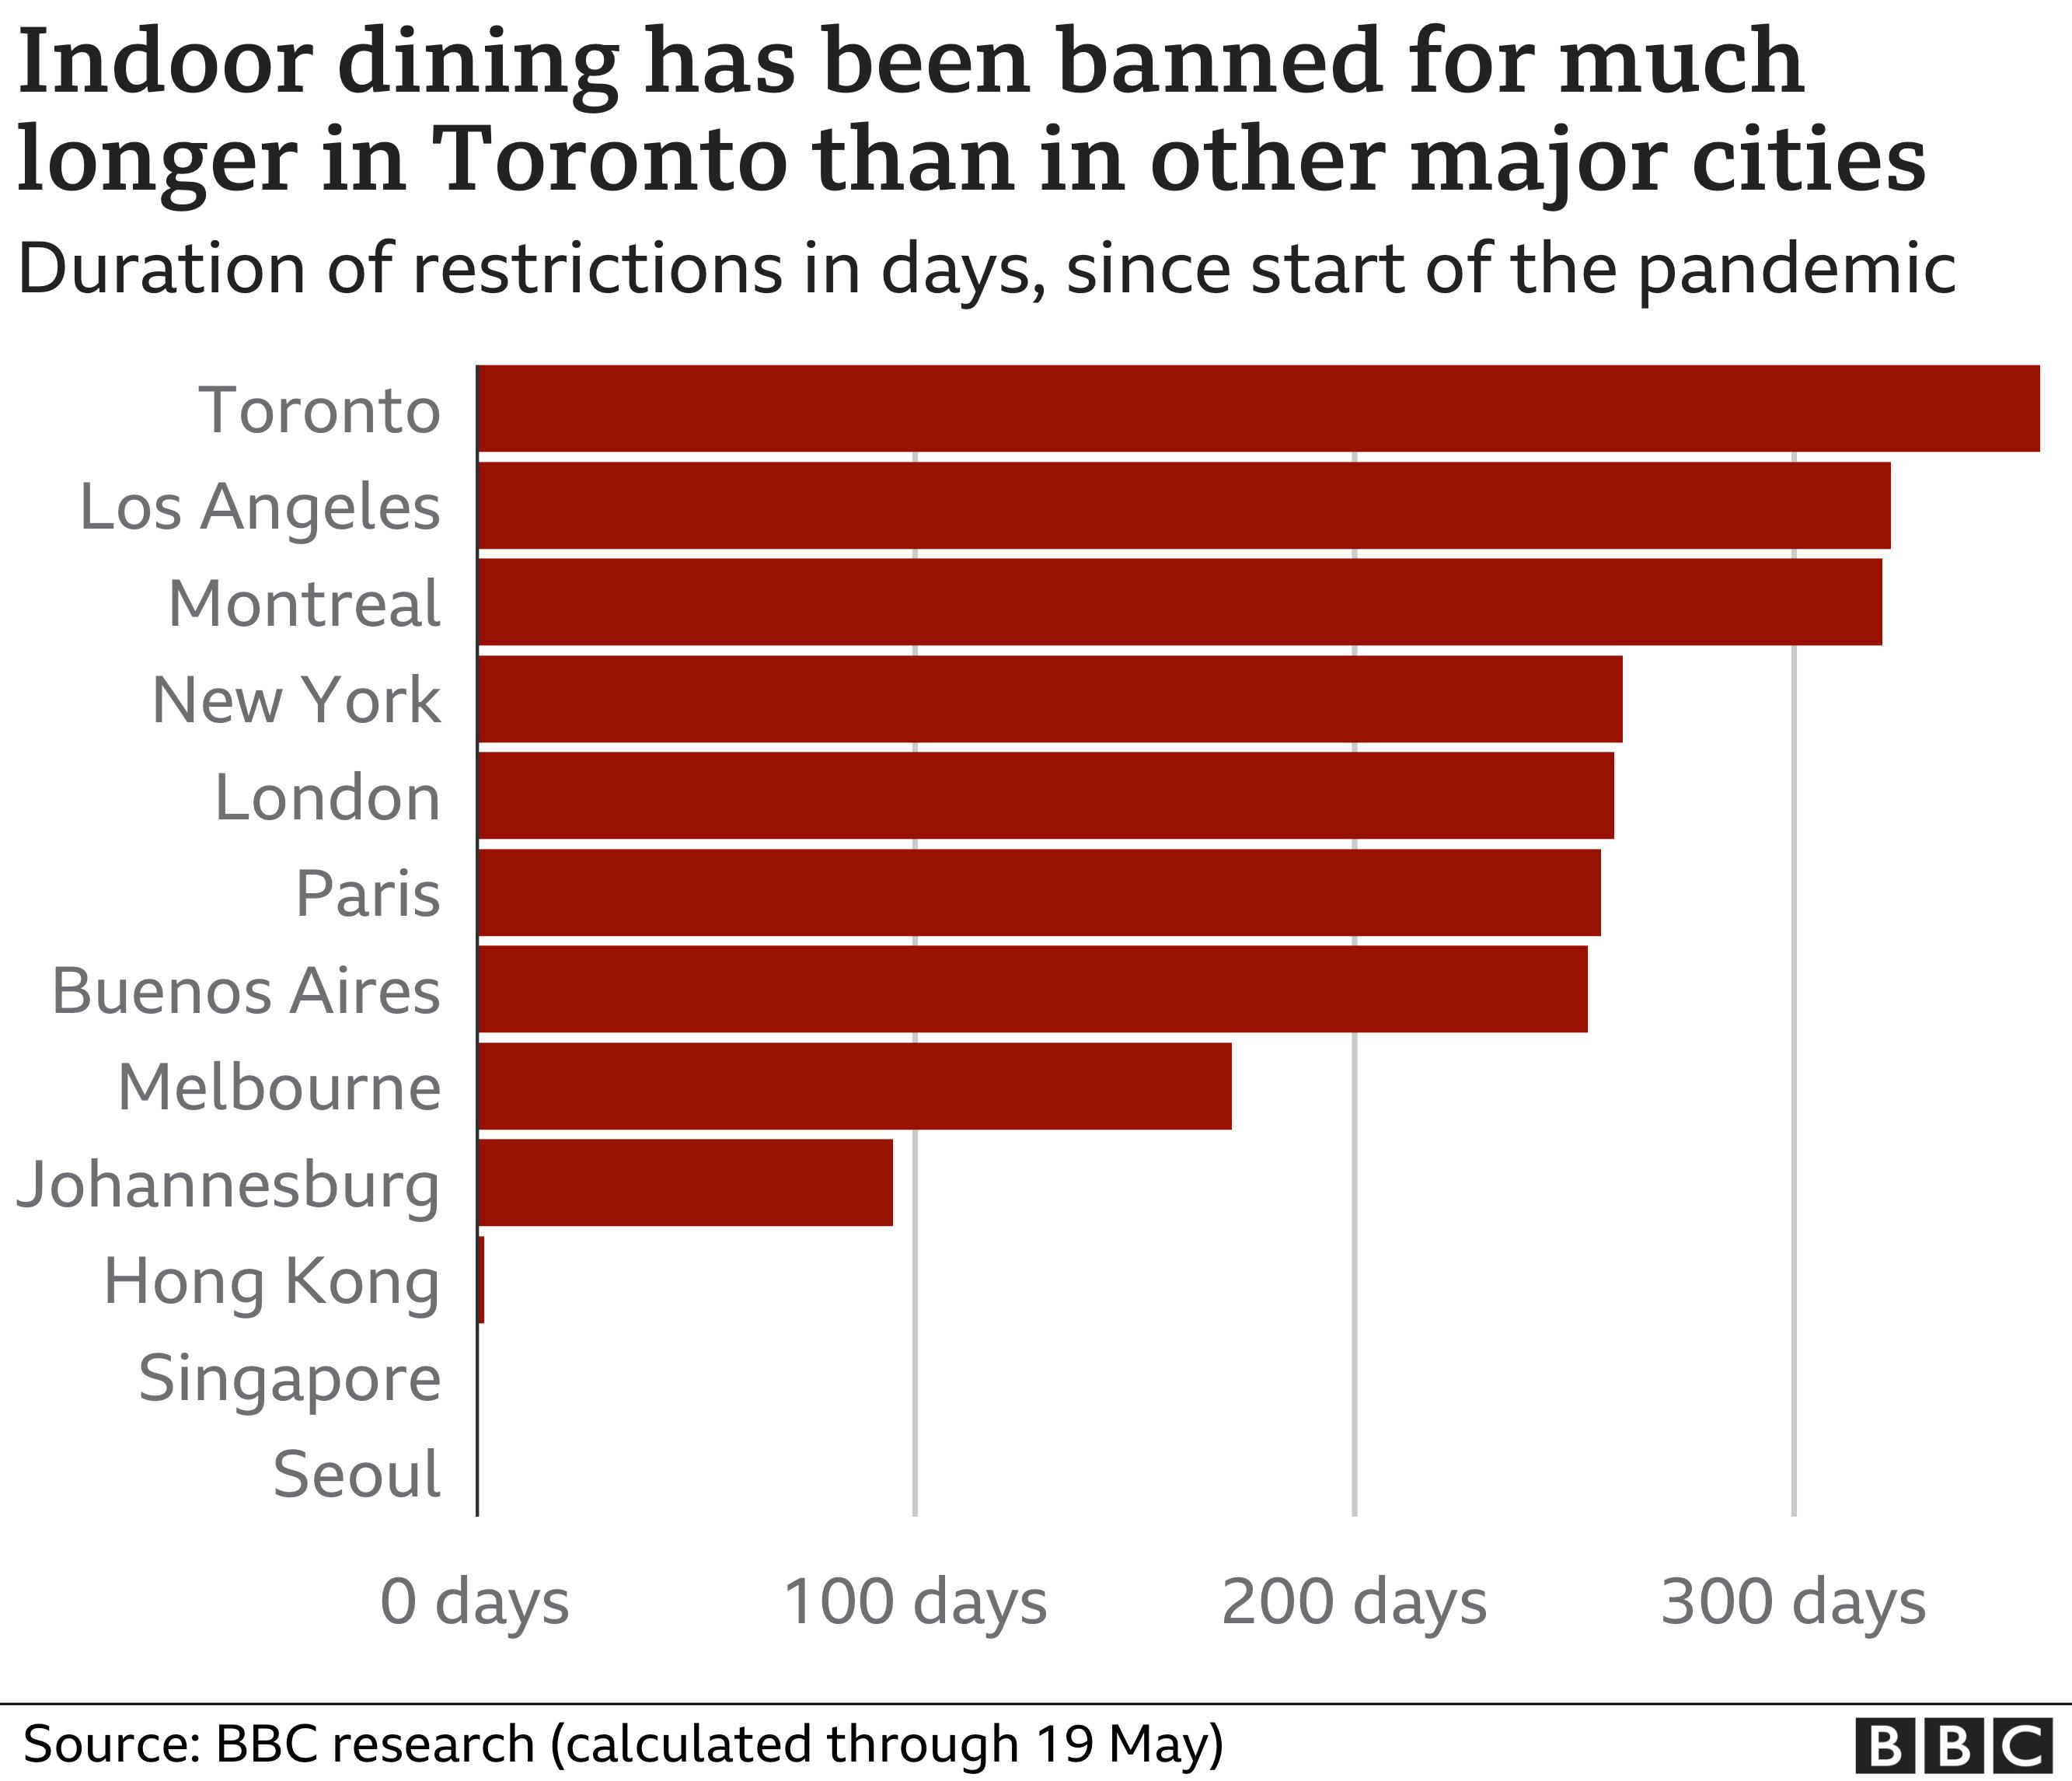 میزان تعطیلی رستوران ها در دوران کرونا نمودار